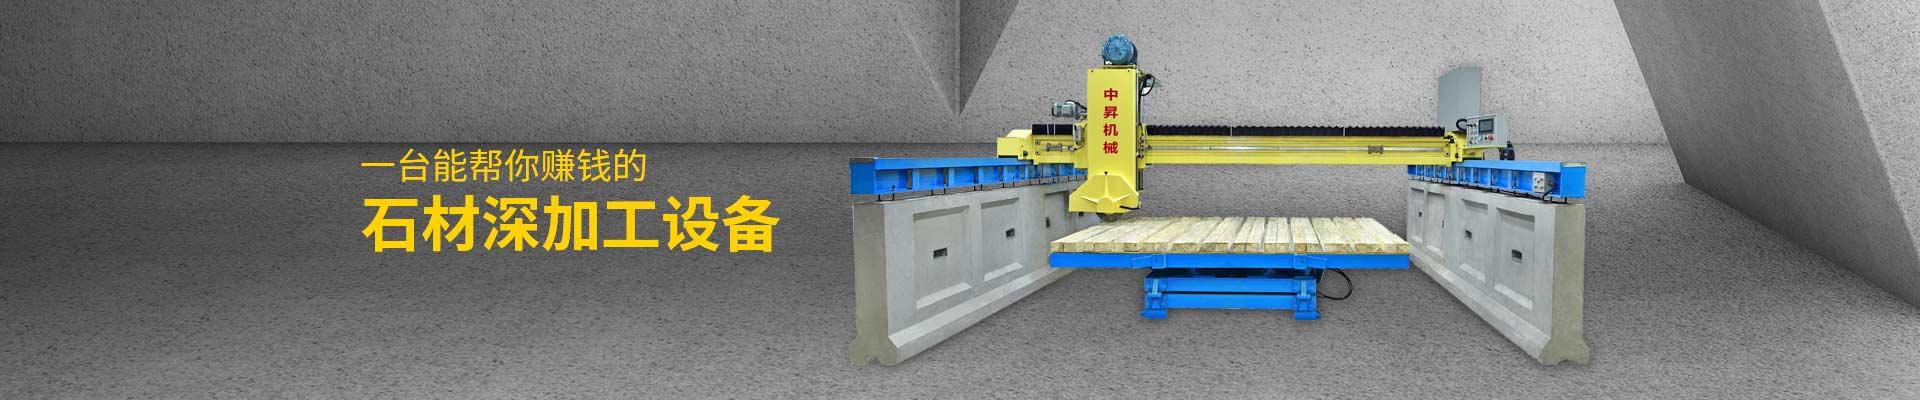 中升石材加工中心:一台能帮你赚钱的石材深加工设备